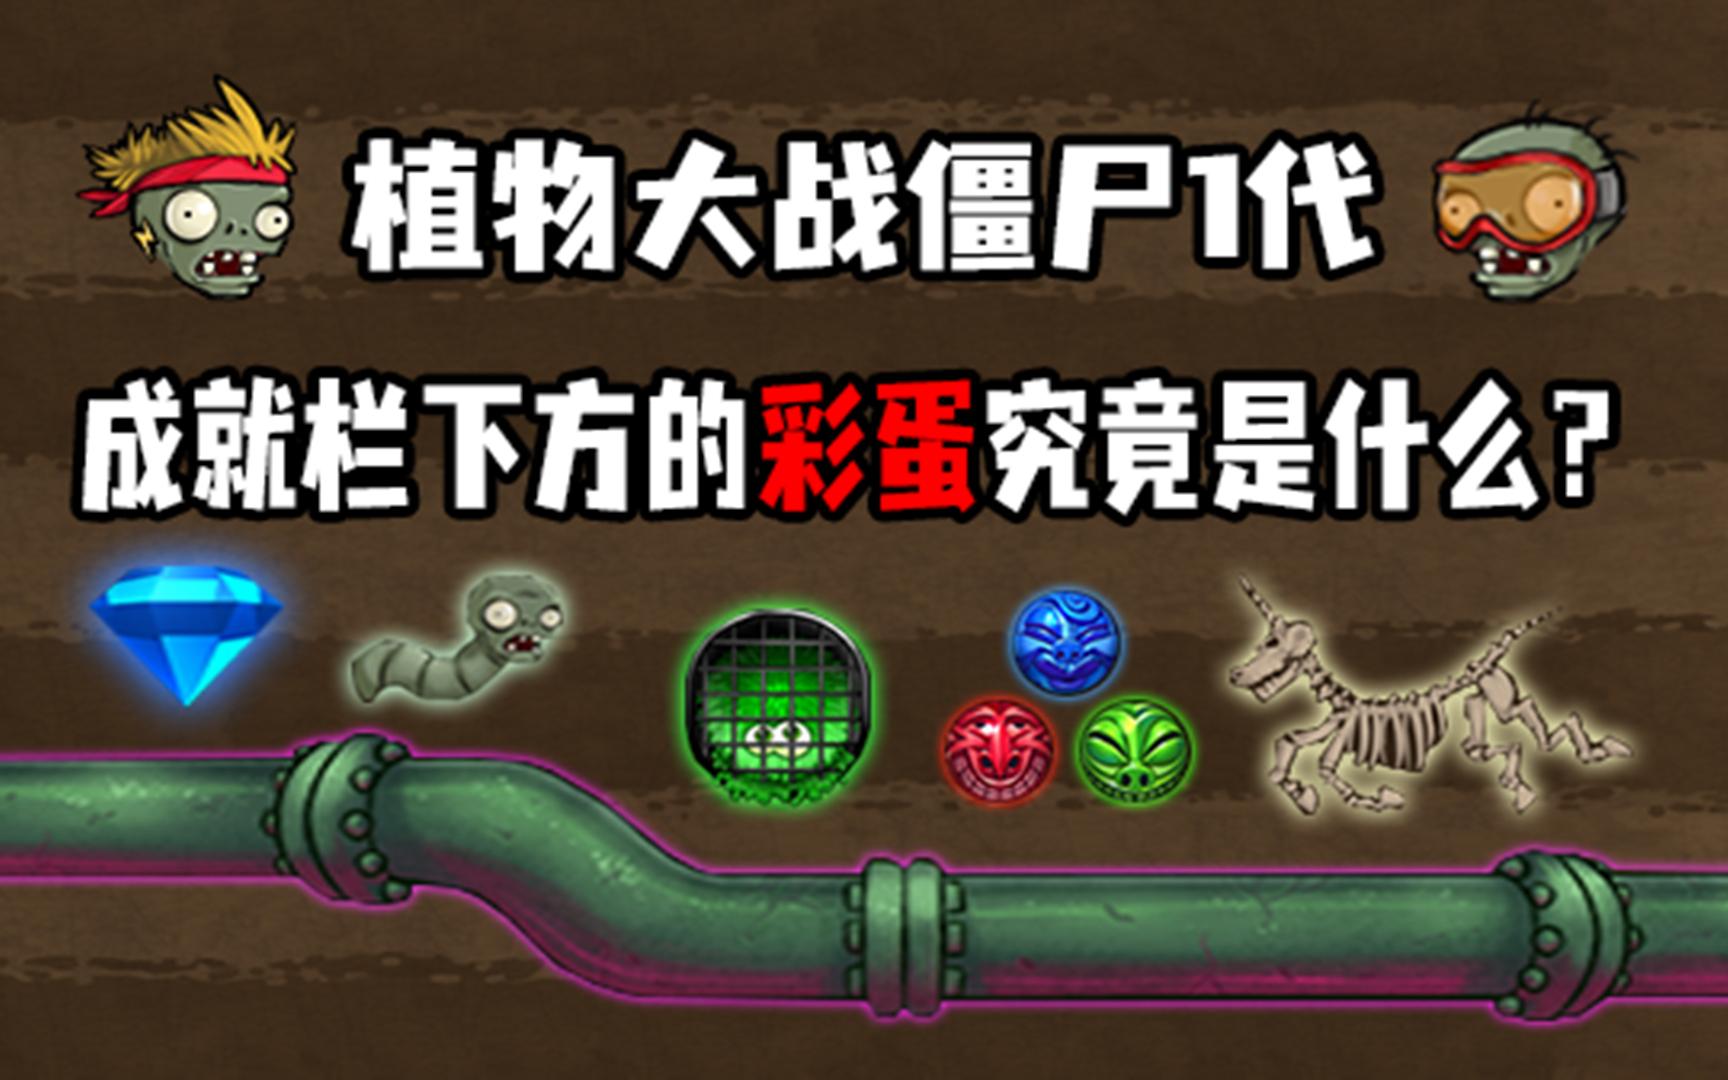 植物大战僵尸:地底世界的彩蛋代表了多少游戏?它们的体验又都如何?